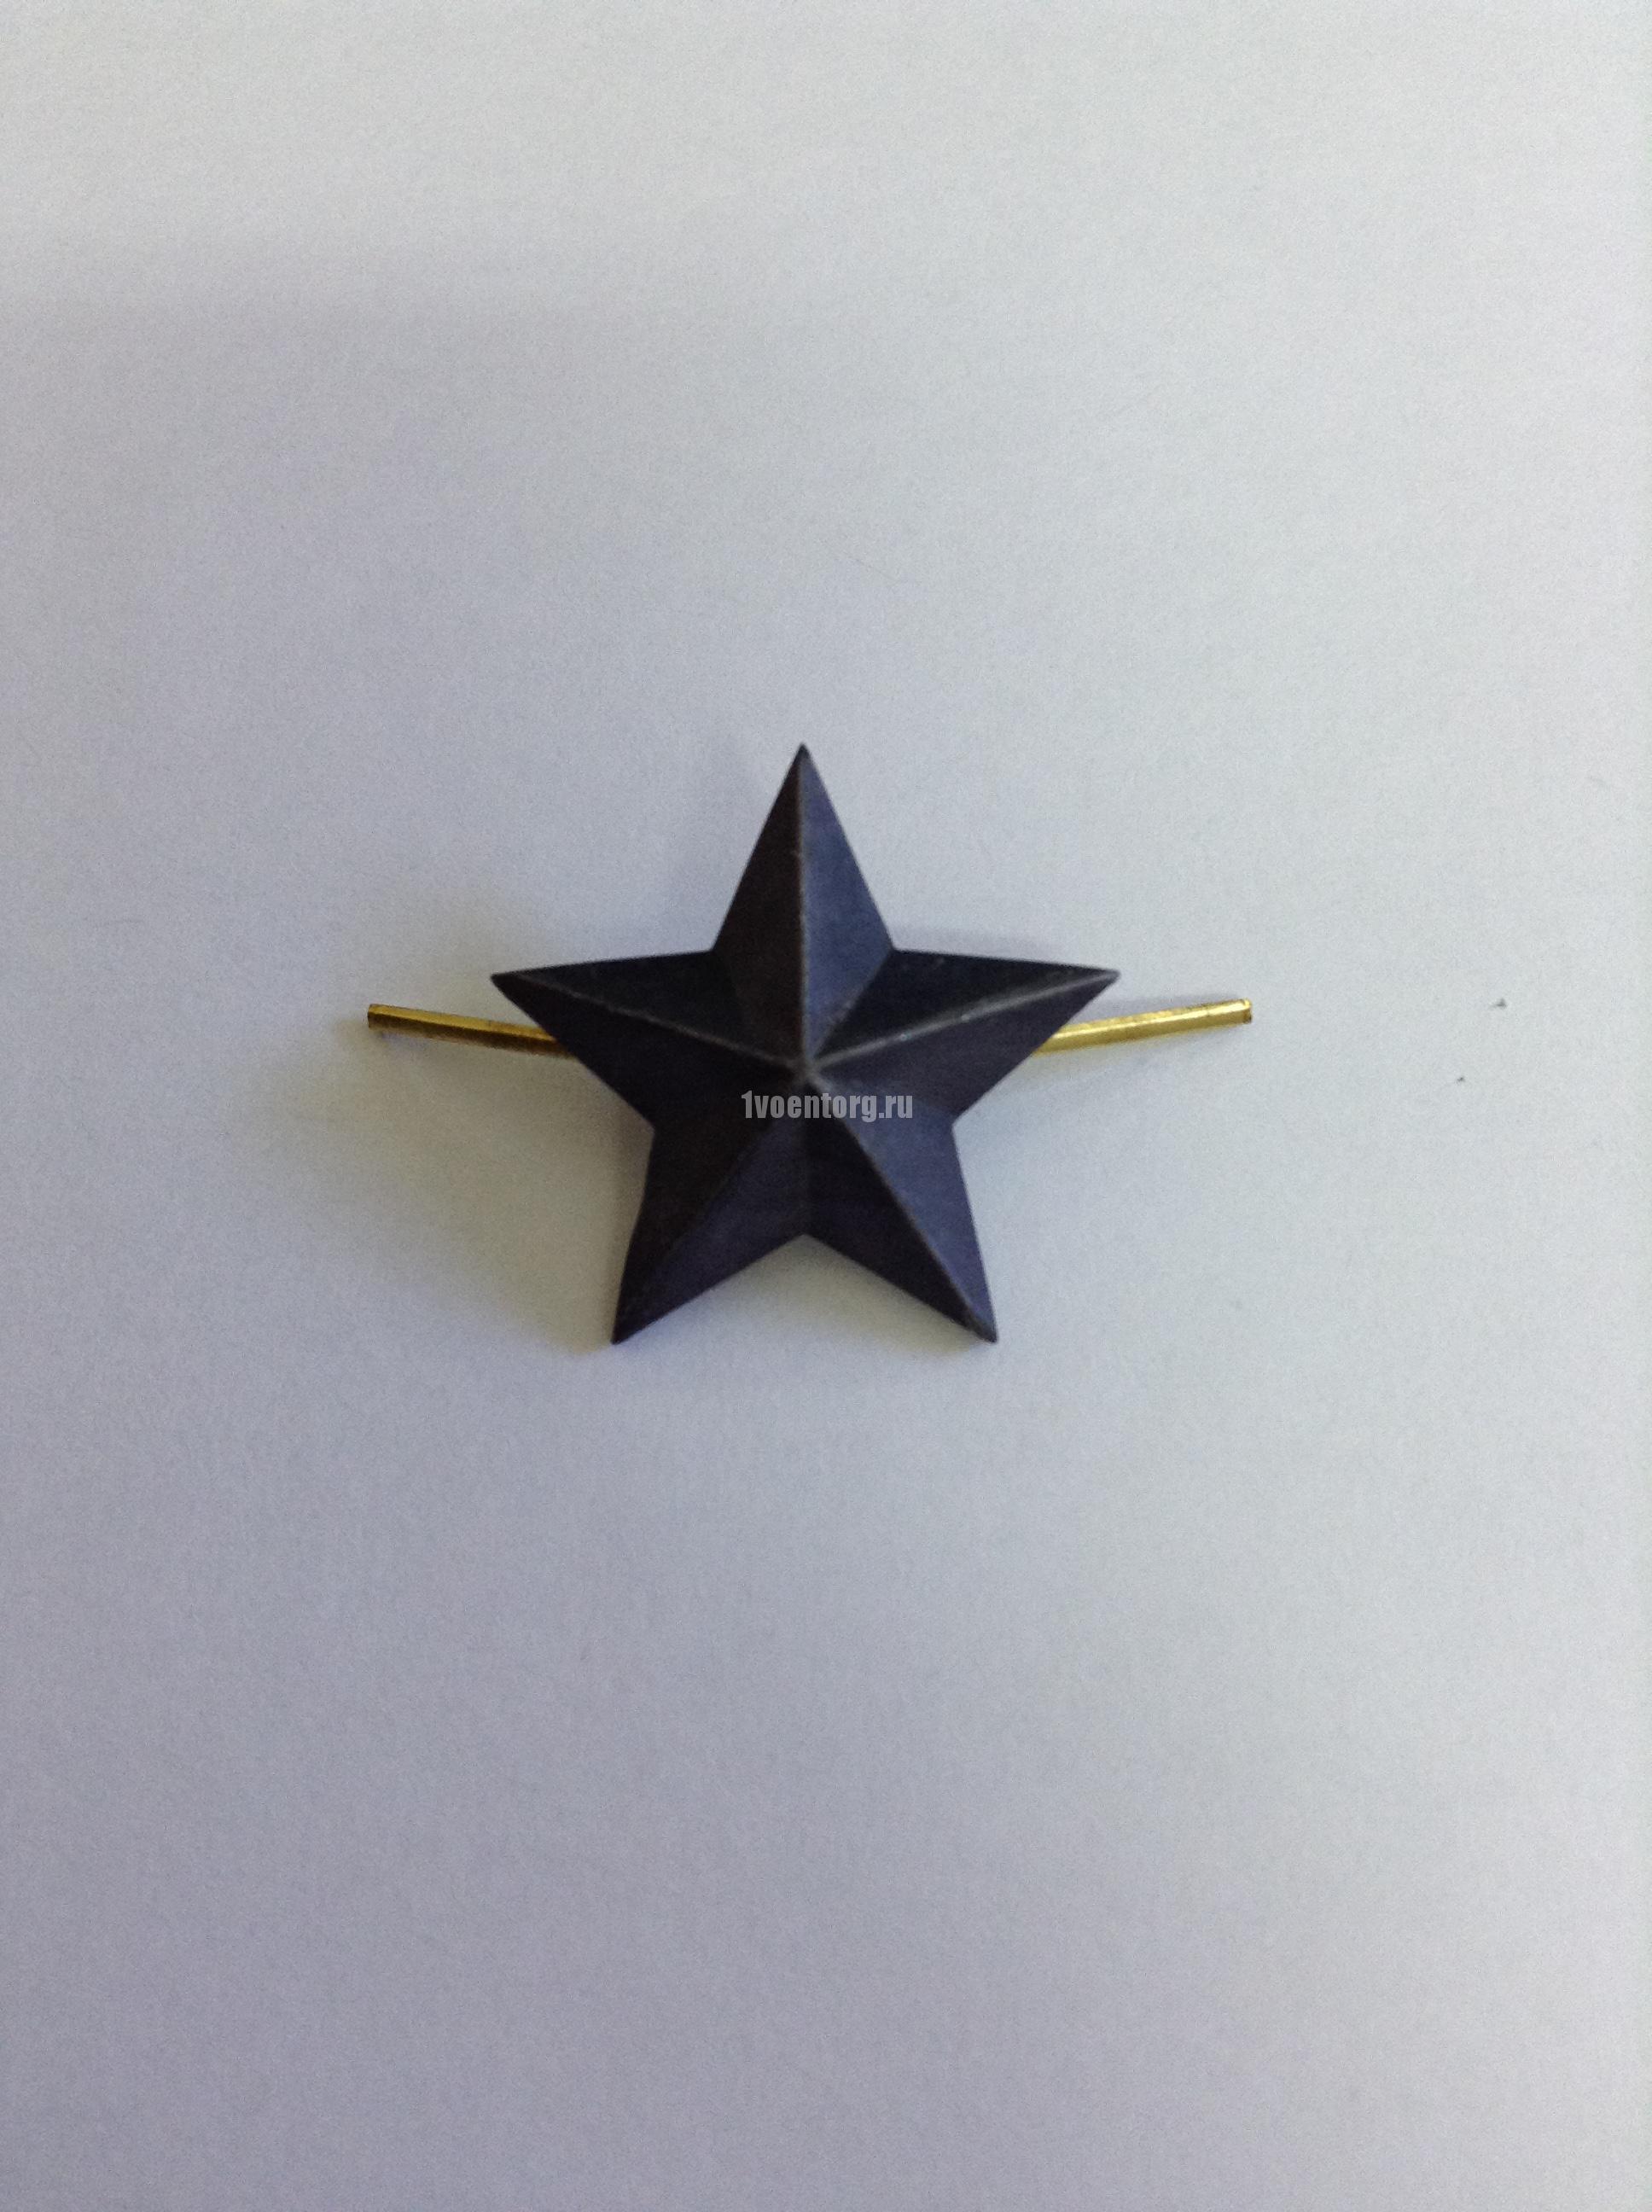 Как крепить звезды на погон Крепление звезд на погонах Военная служба 71